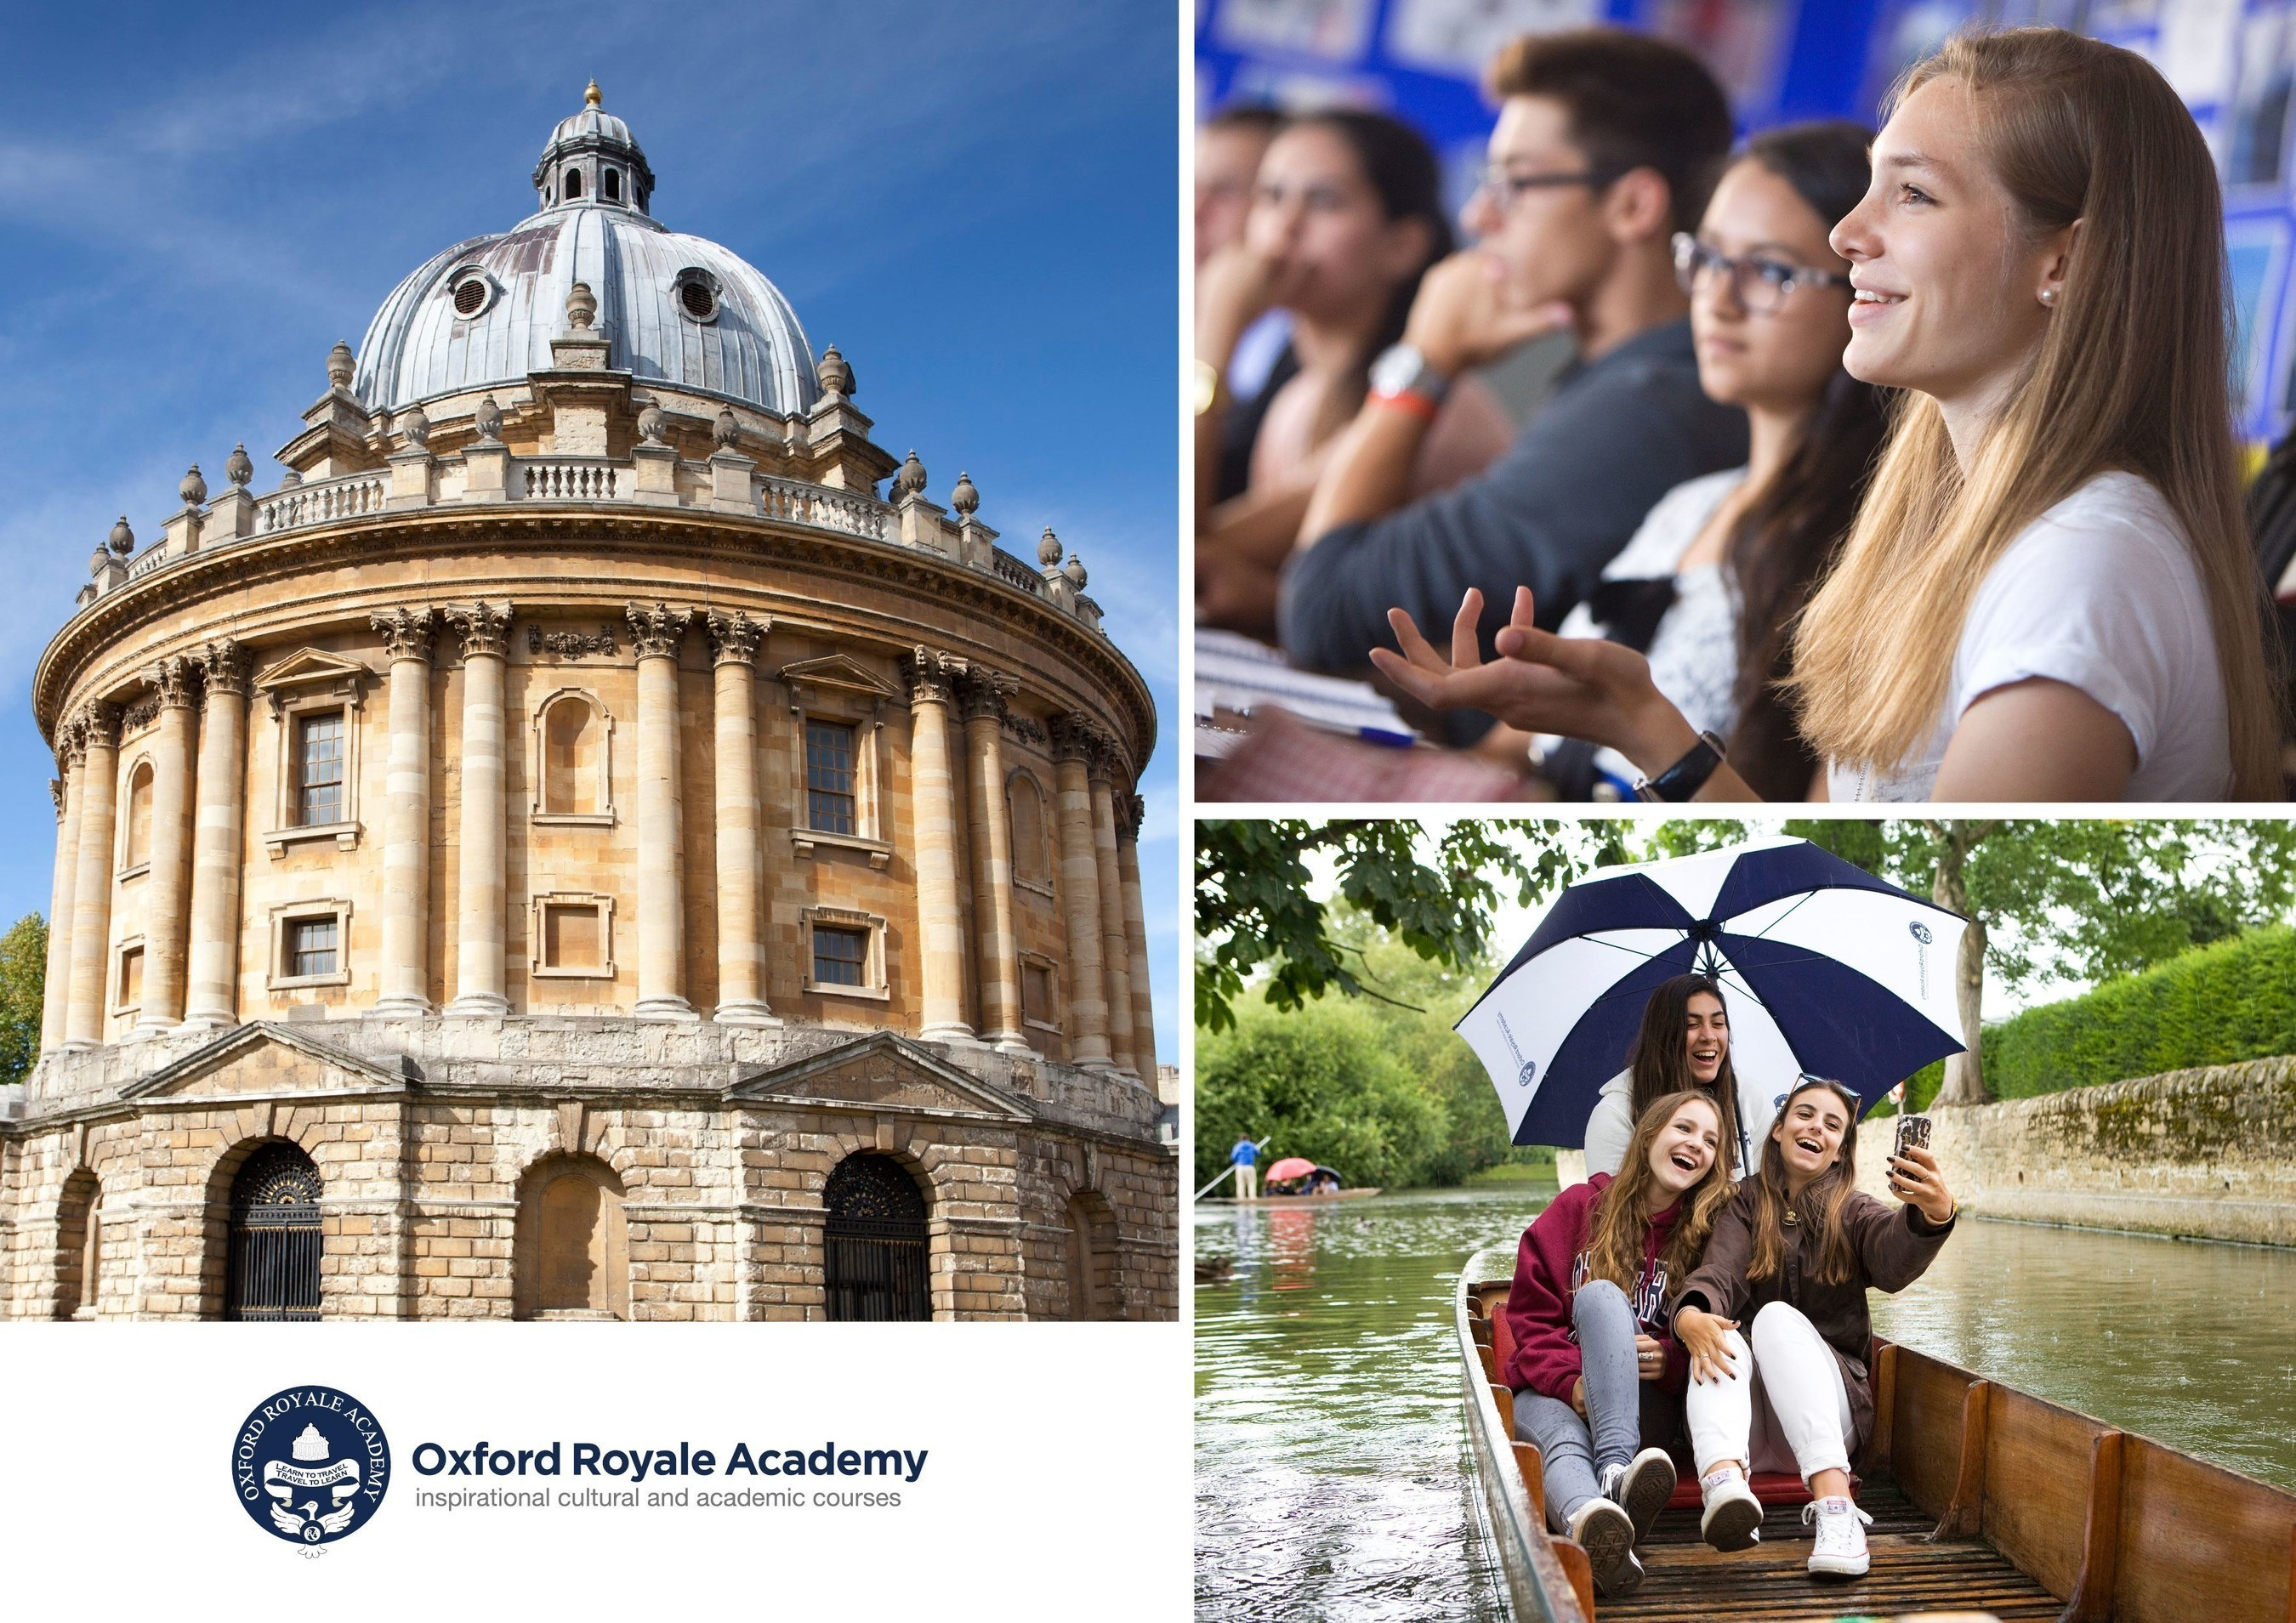 Curso de verão da Oxford Royale Academy ganha prestigiado prêmio educacional